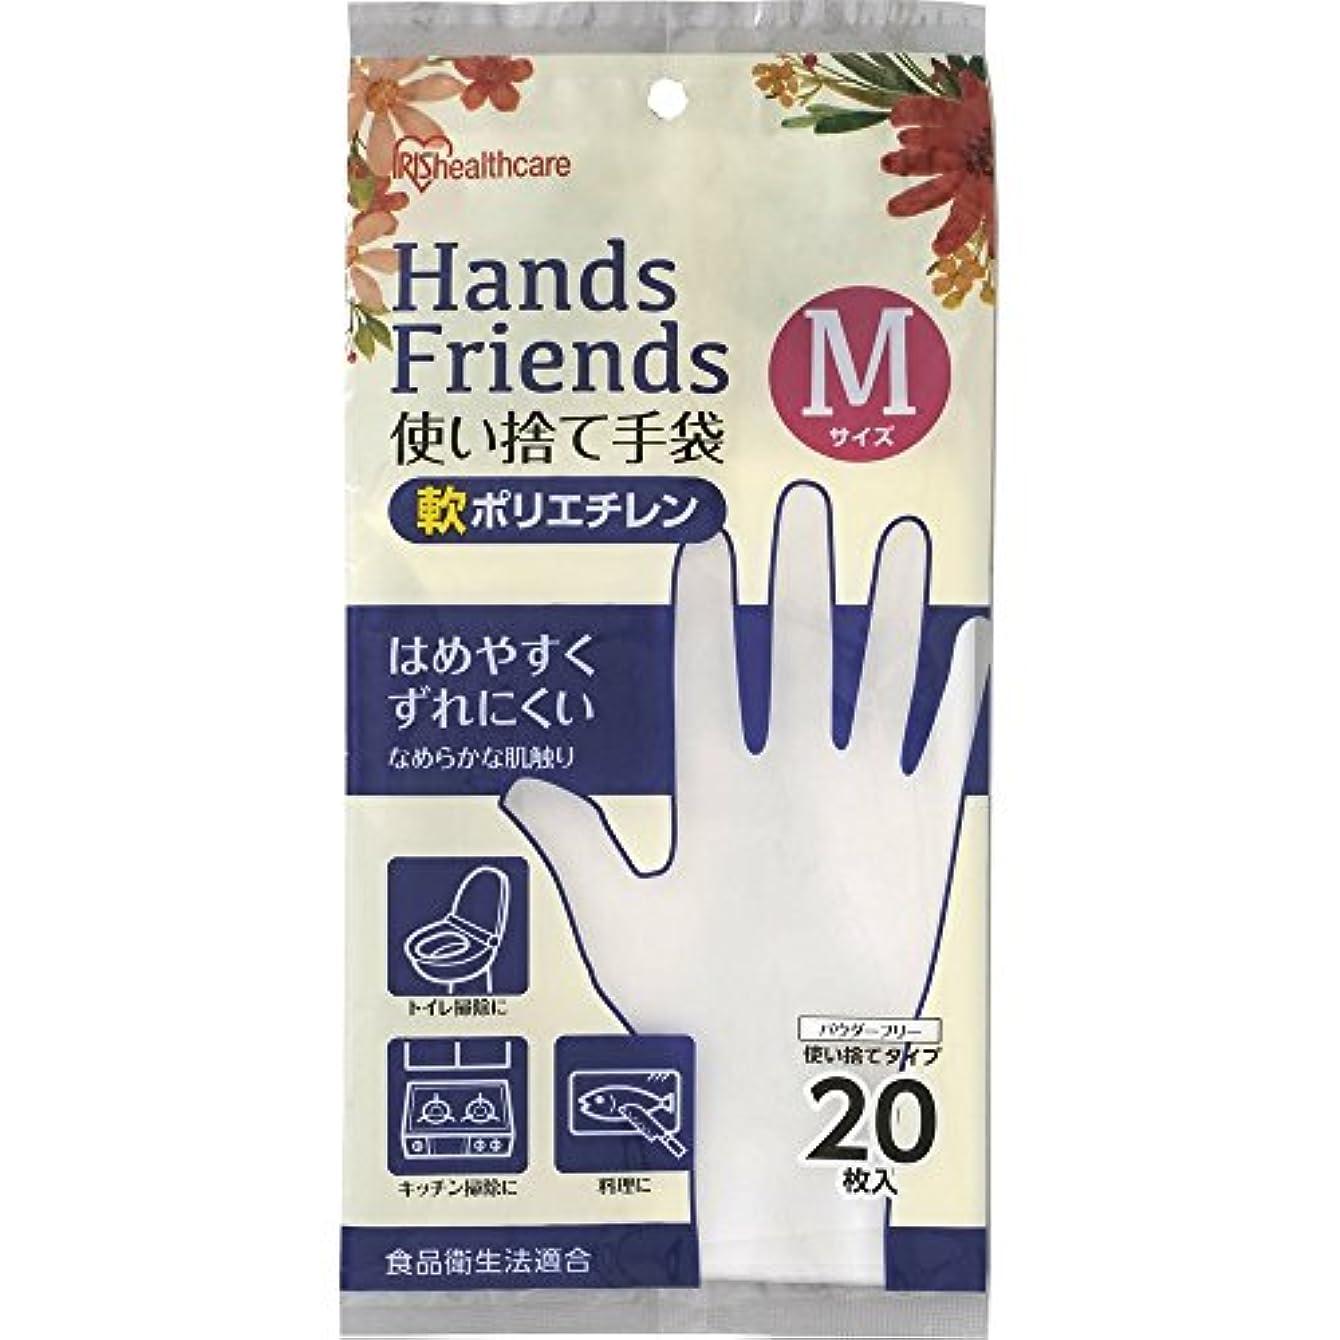 隣接虹書誌使い捨て手袋 軟ポリエチレン手袋 Mサイズ 粉なし パウダーフリー クリア 20枚入